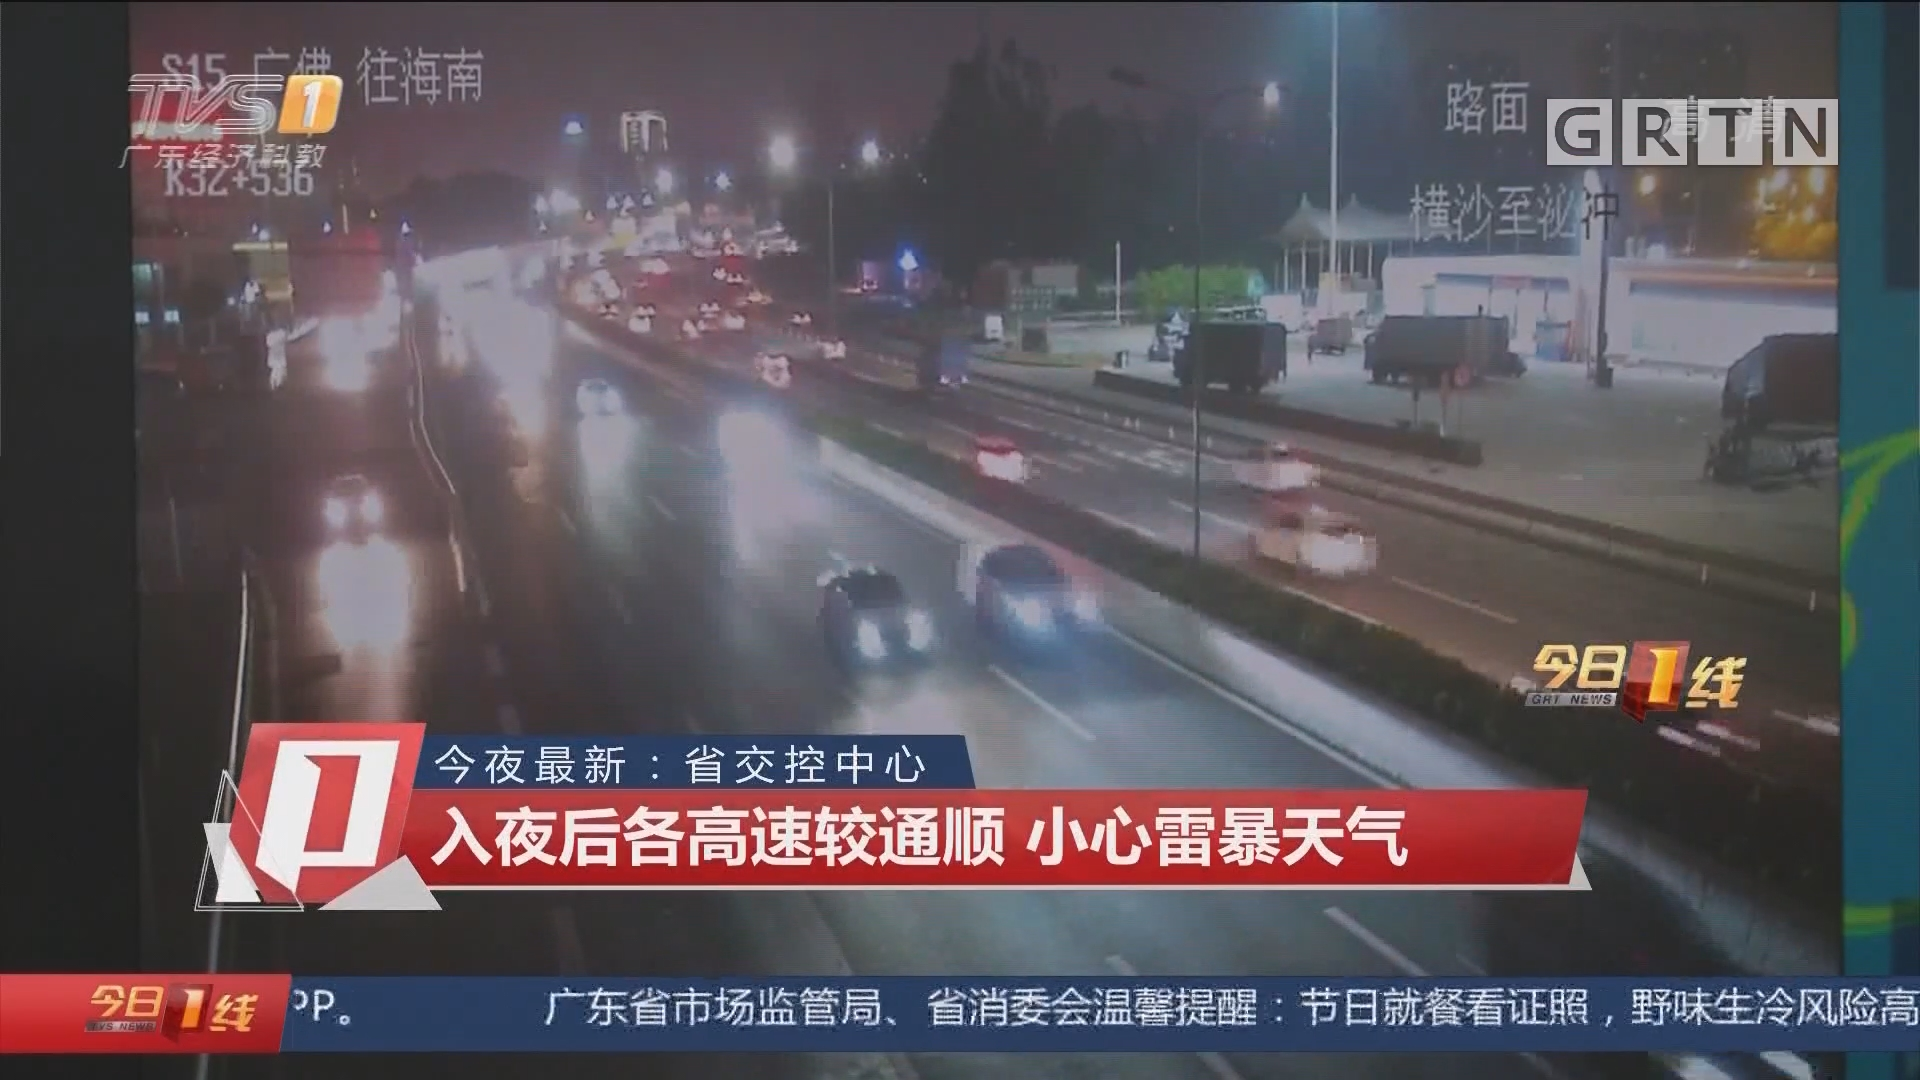 今夜最新:省交控中心 入夜后各高速较通顺 小心雷暴天气